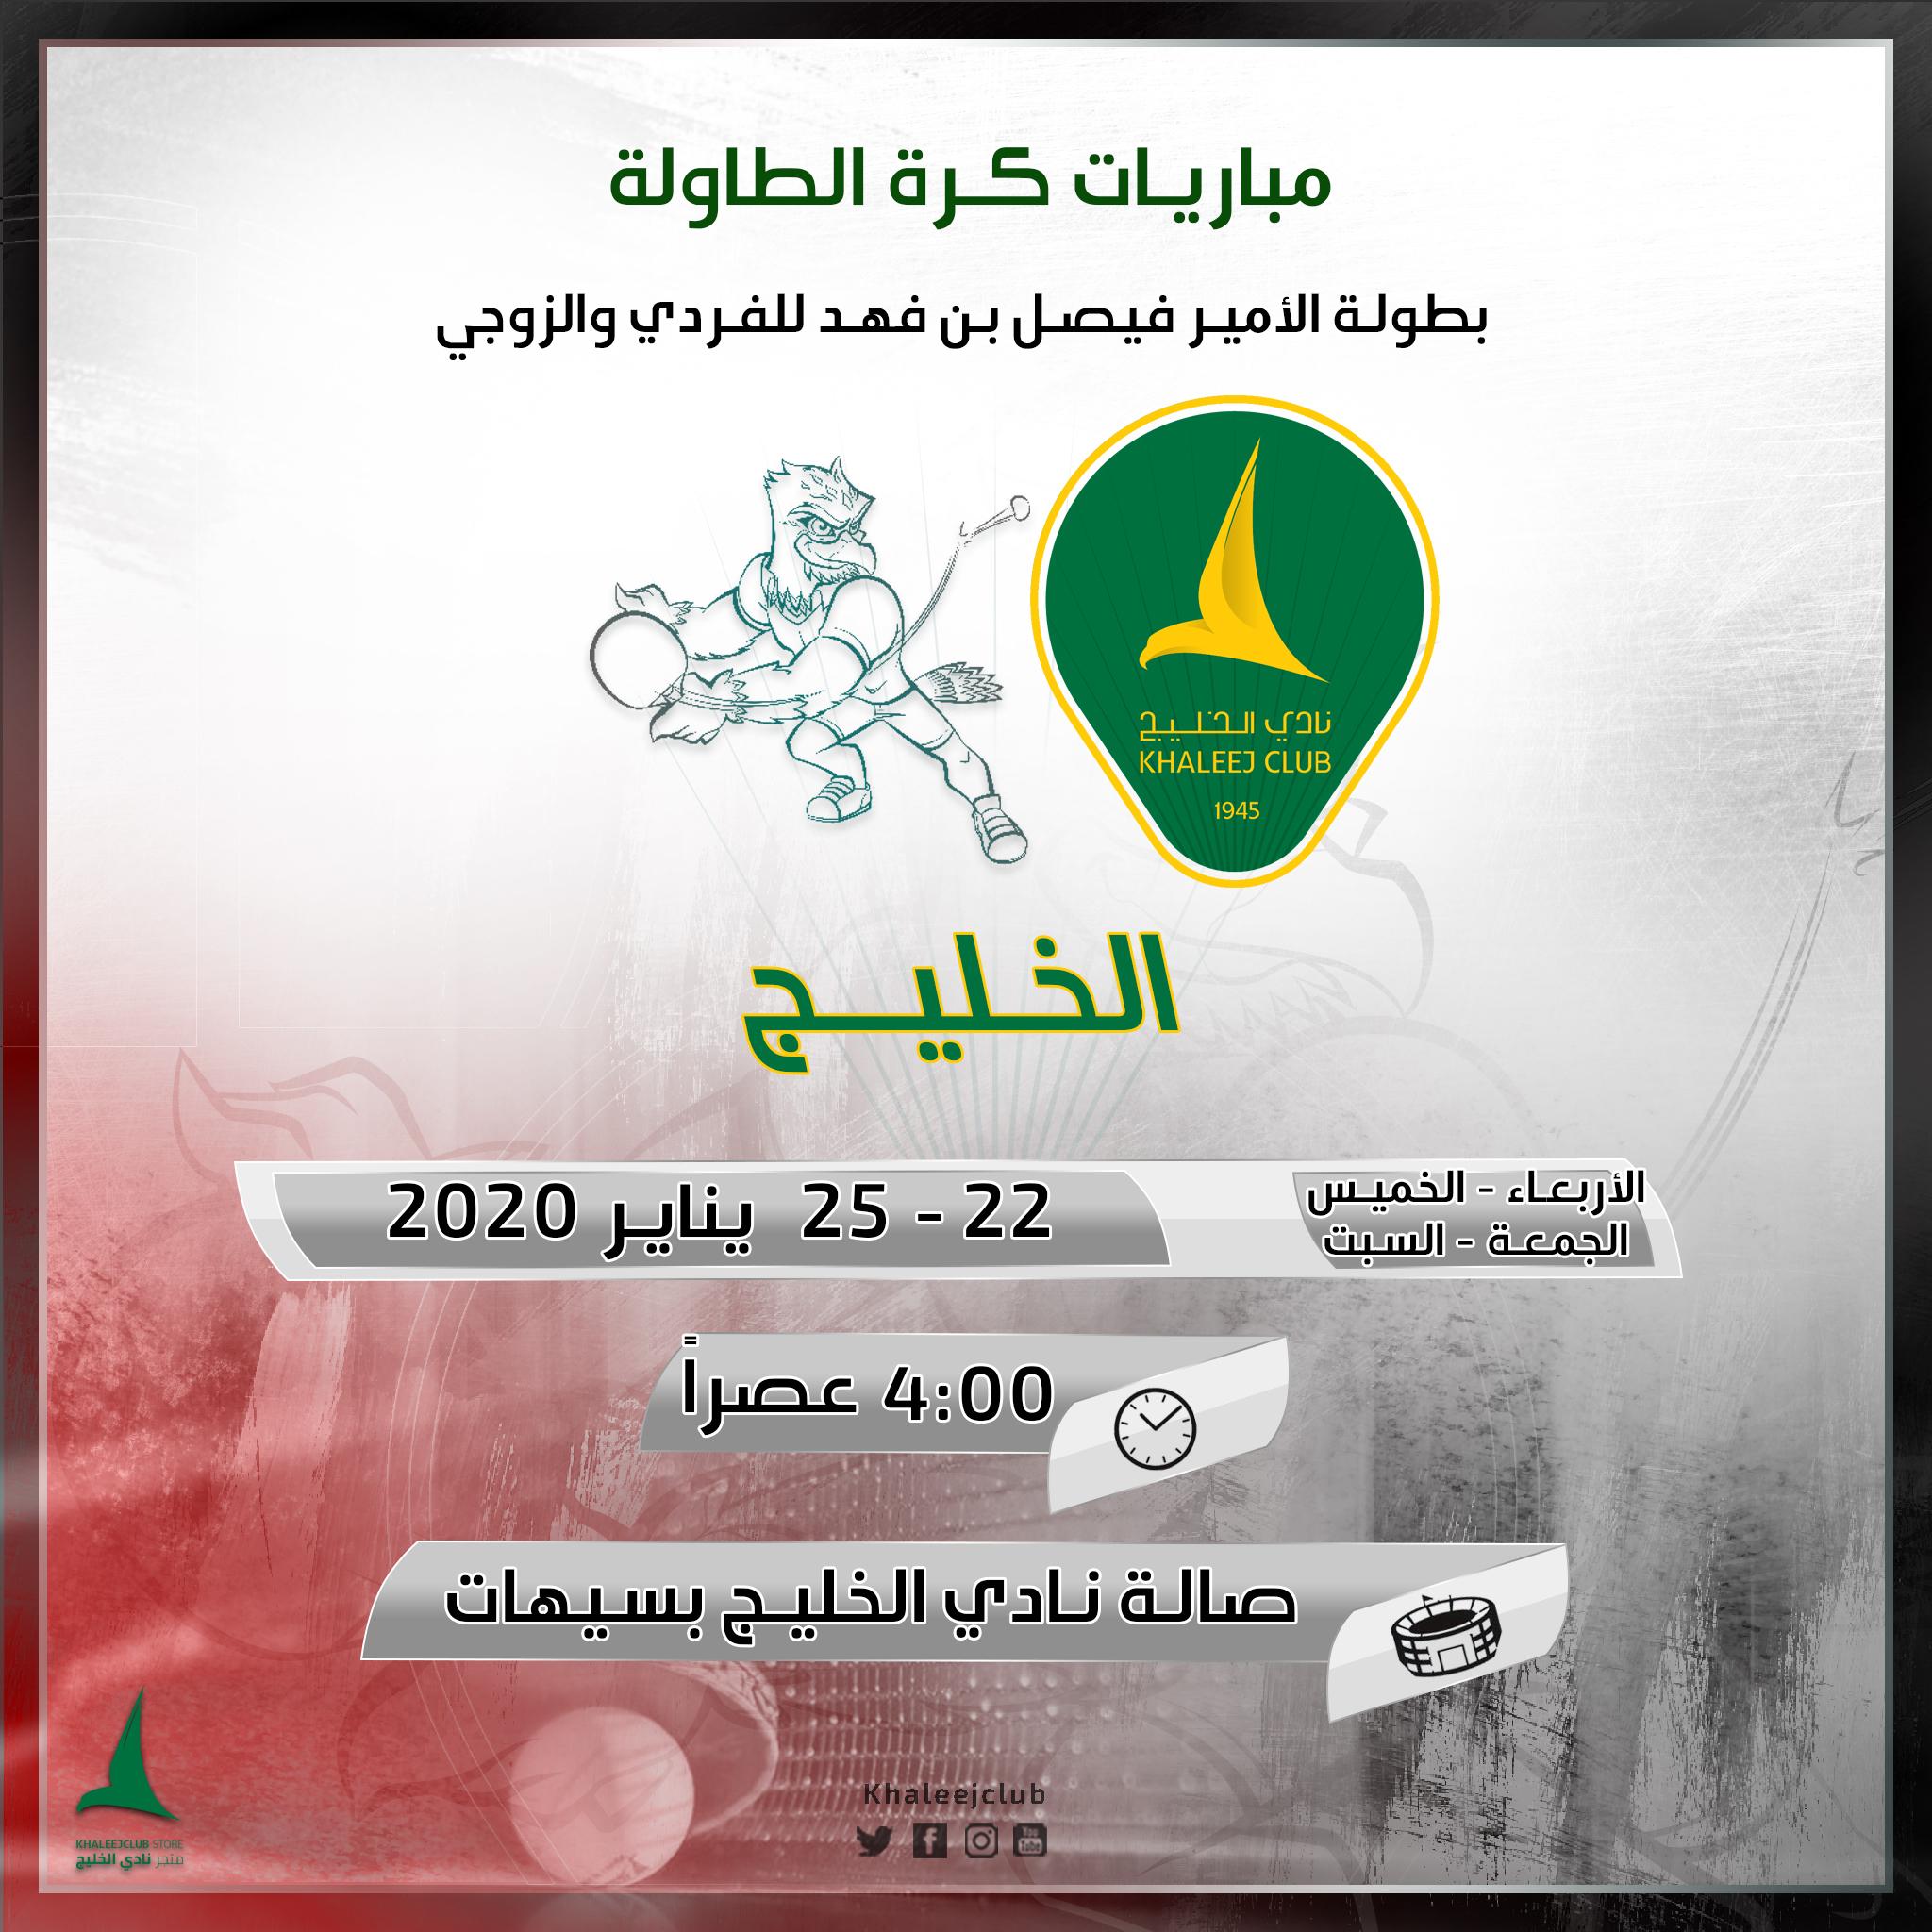 بطولة الفردي والزوجي لكرة الطاولة باستضافة نادي الخليج